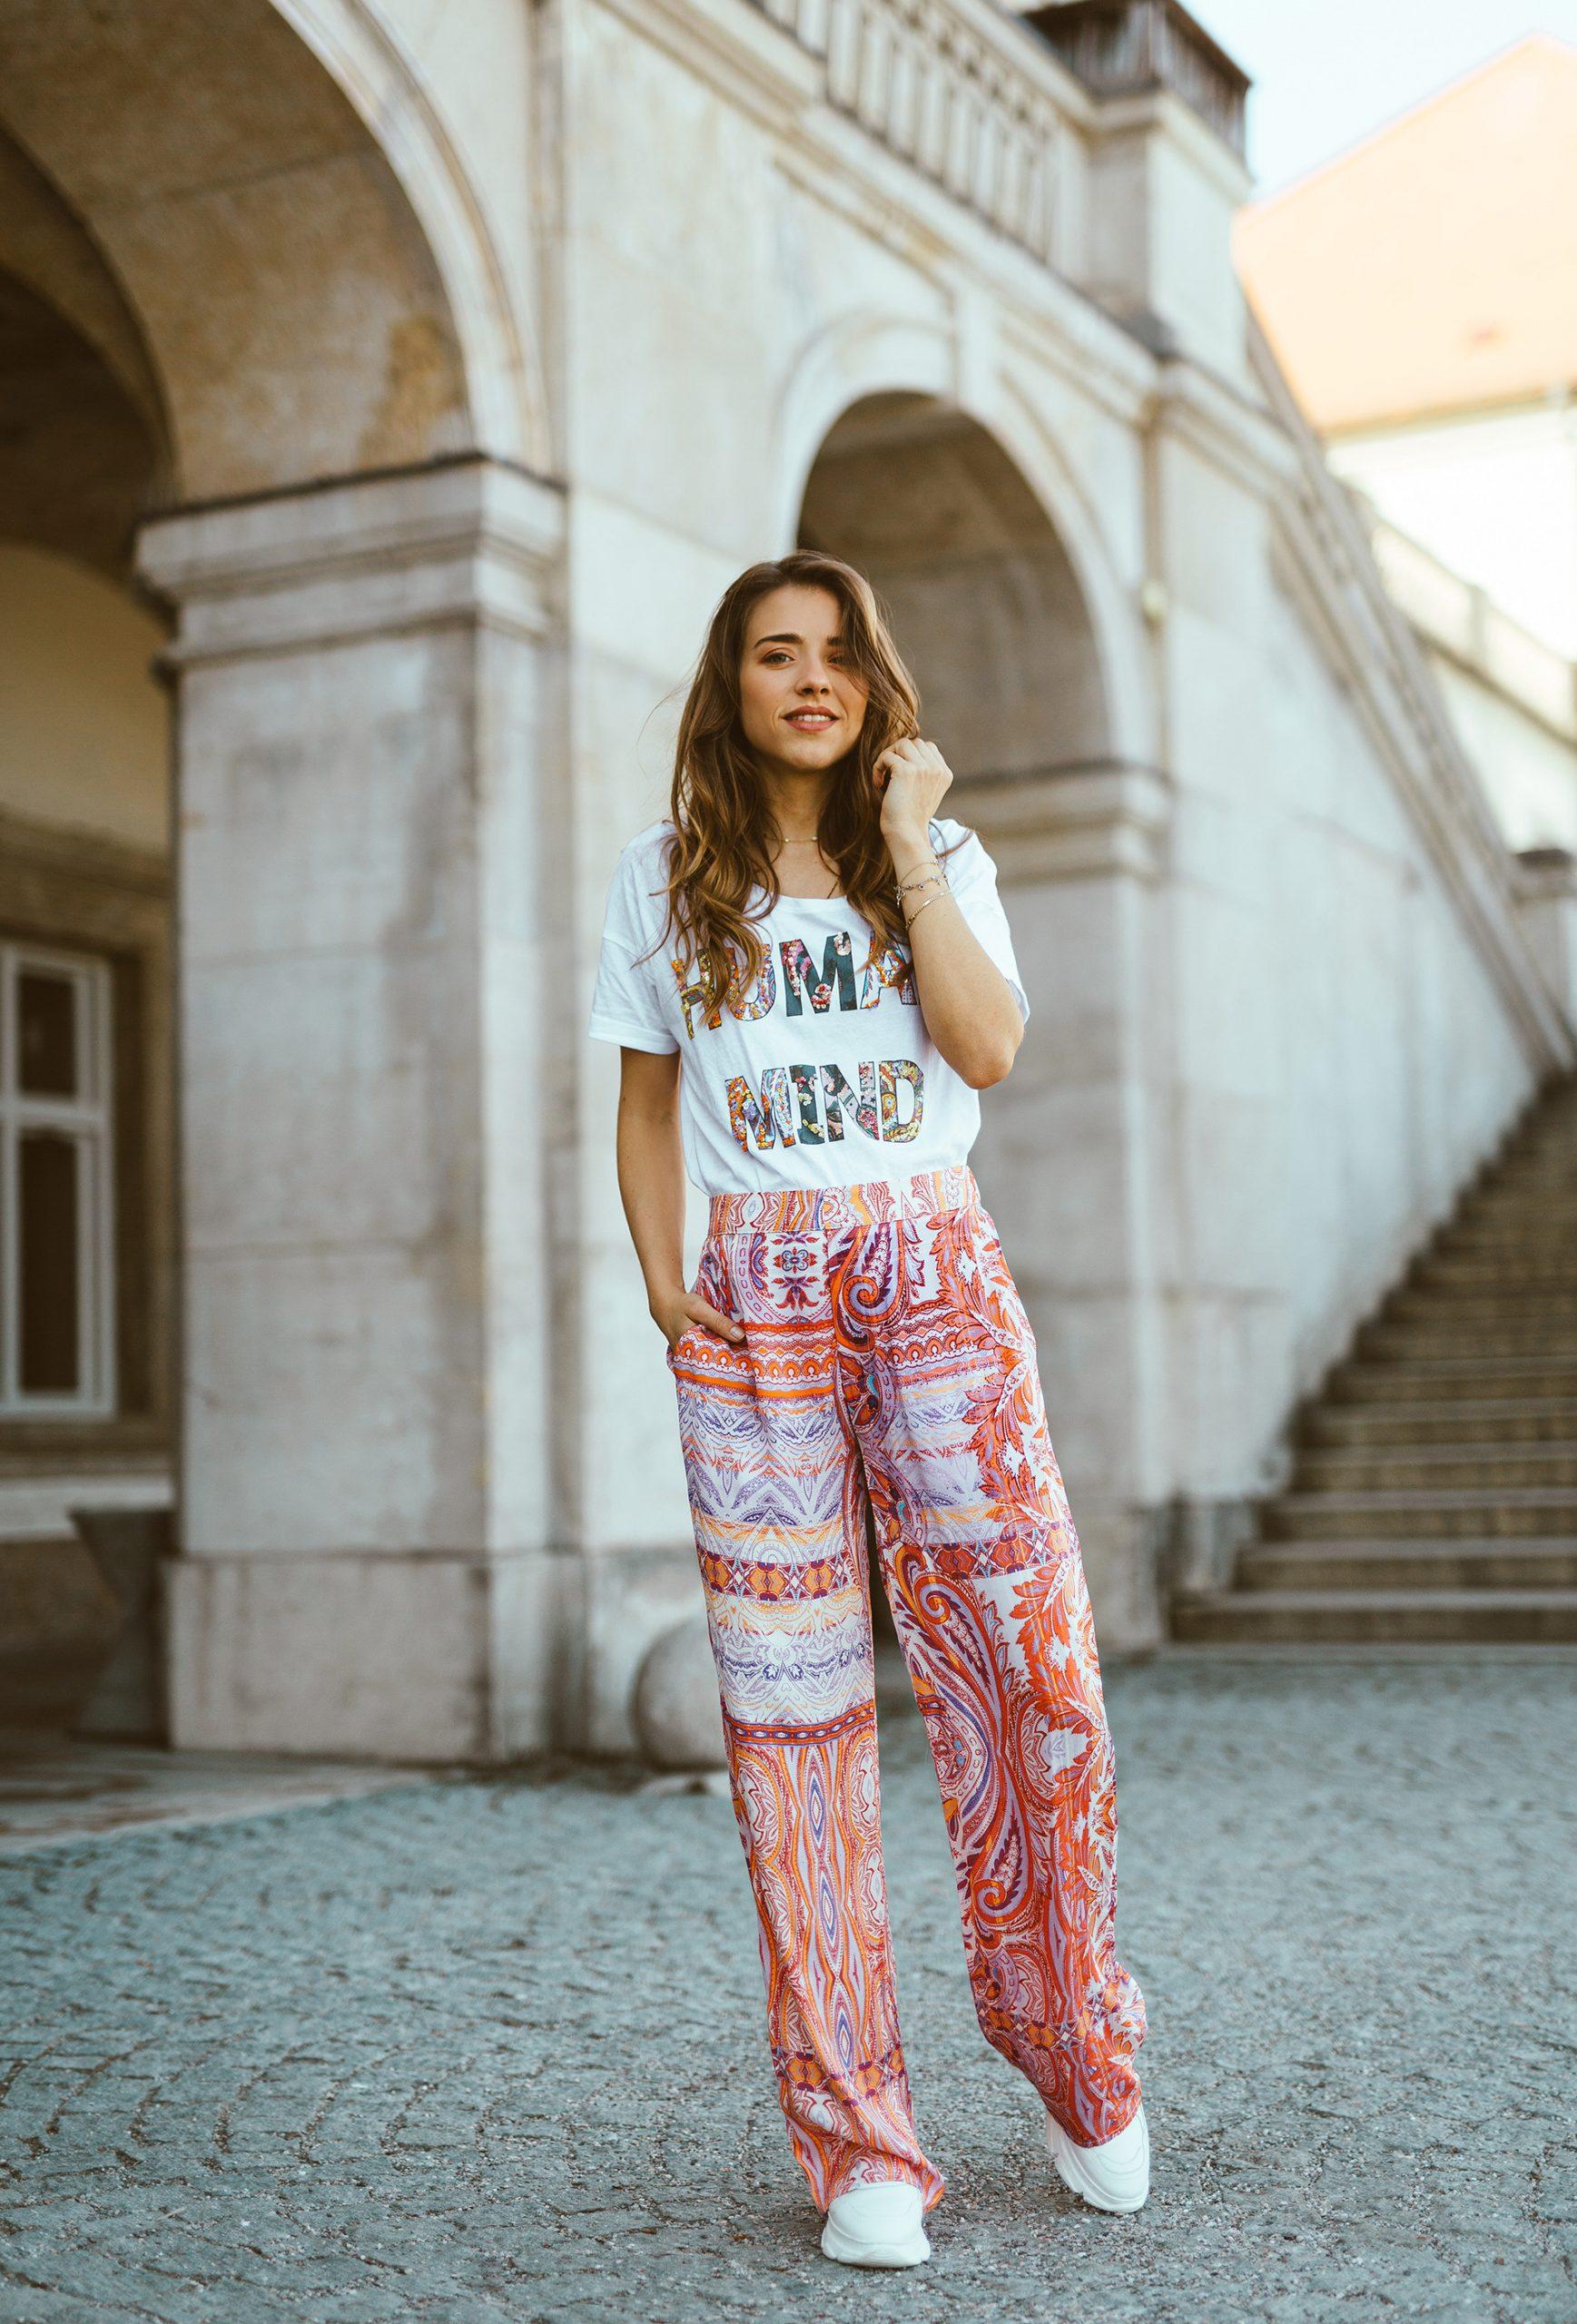 Summer In The City  Kleidung Mit Woweffekt  Onlineshop